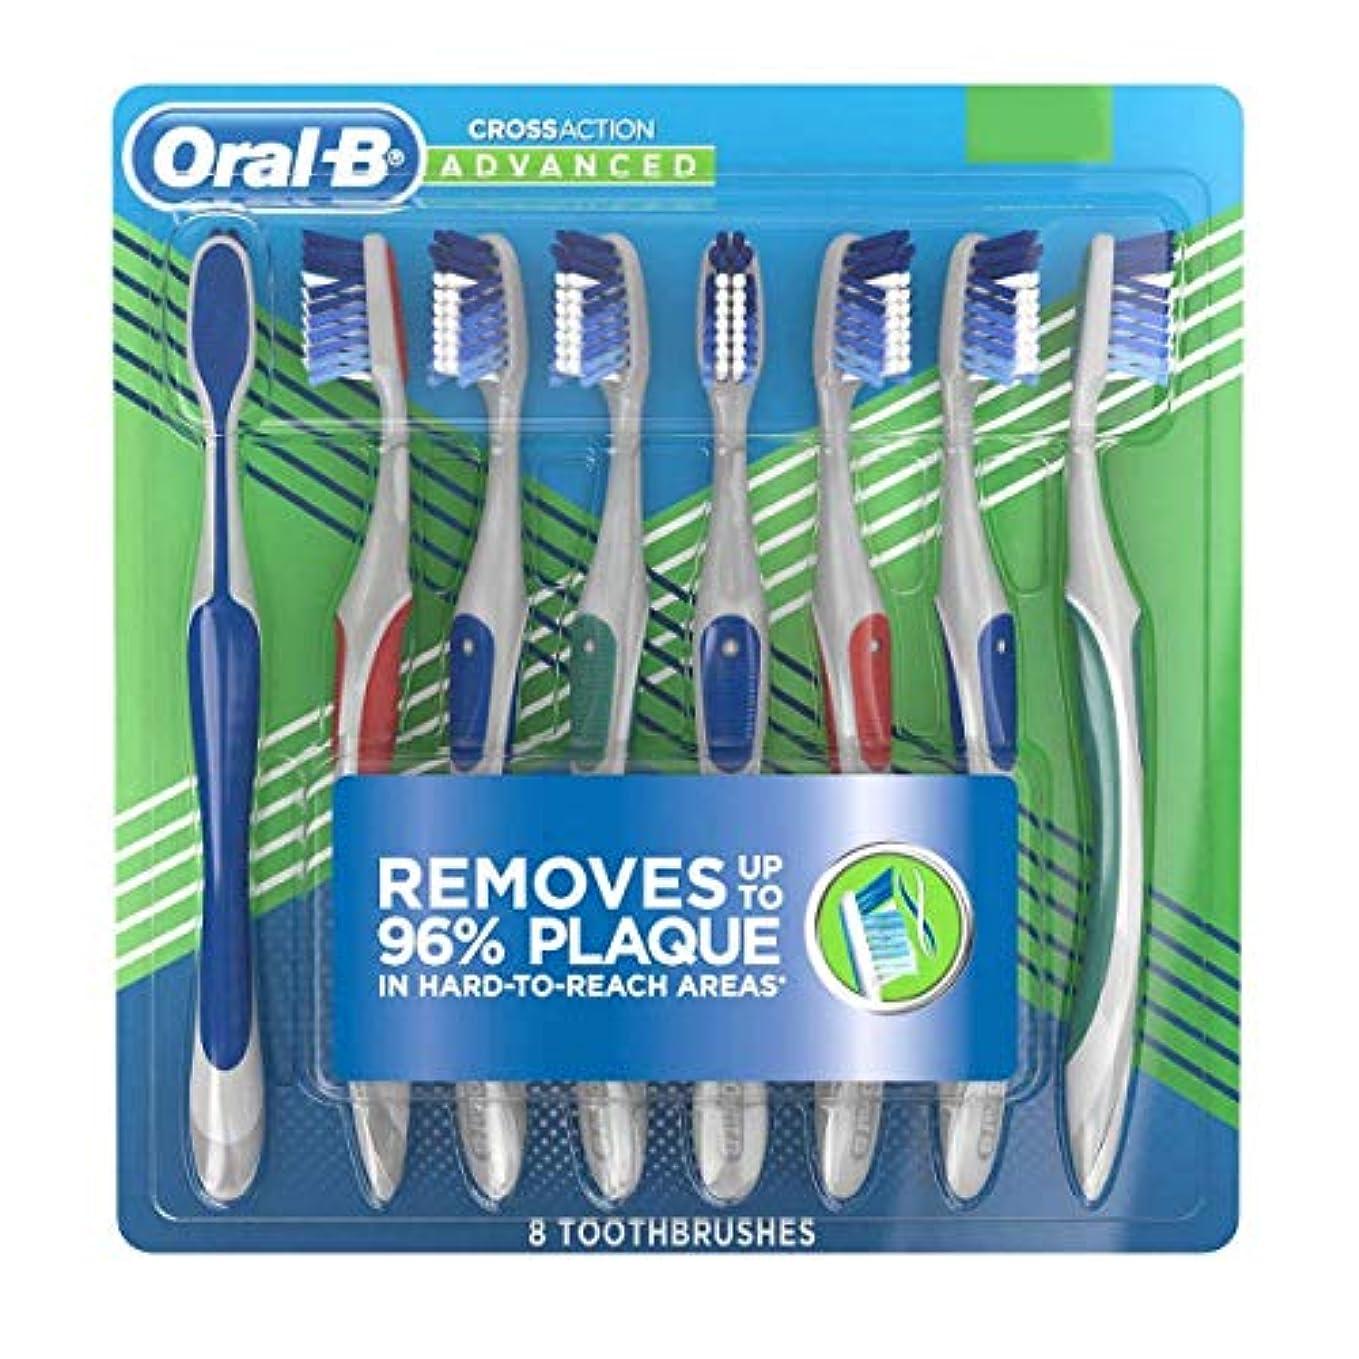 特別な少ない悪因子Oral-B Pro-Health Cross Action Advanced Toothbrush 8-pack SOFT オーラルB プロヘルス クロスアクション アドバンスド 歯ブラシ8本セット(ソフトタイプ)